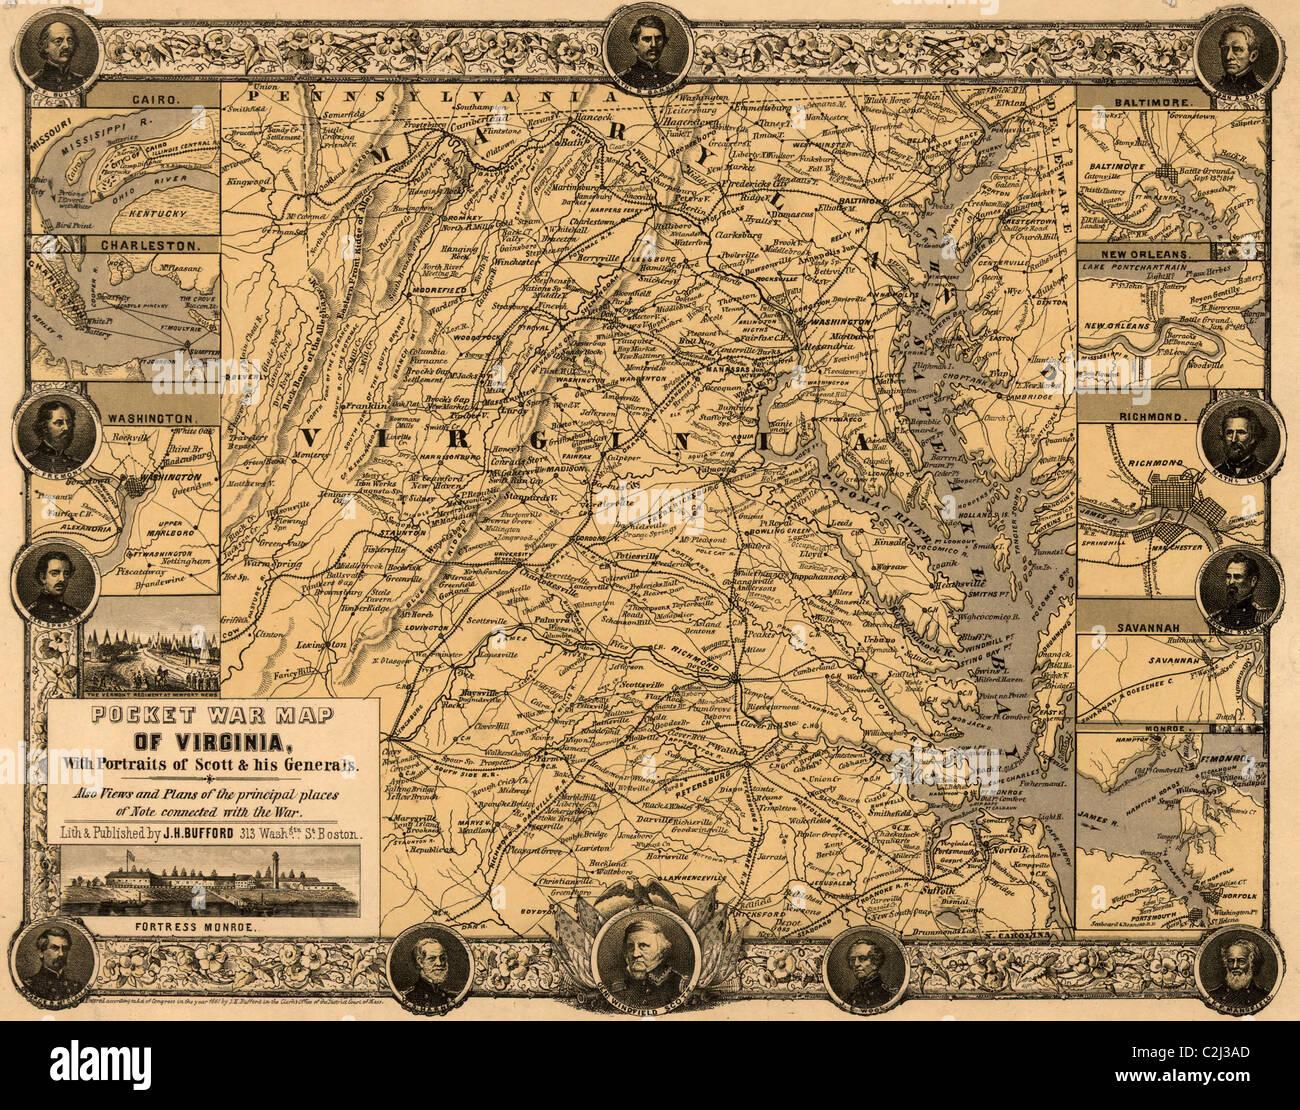 Tasche Krieg Karte von Virginia, mit Porträts von Scott & seiner Generäle. Stockbild